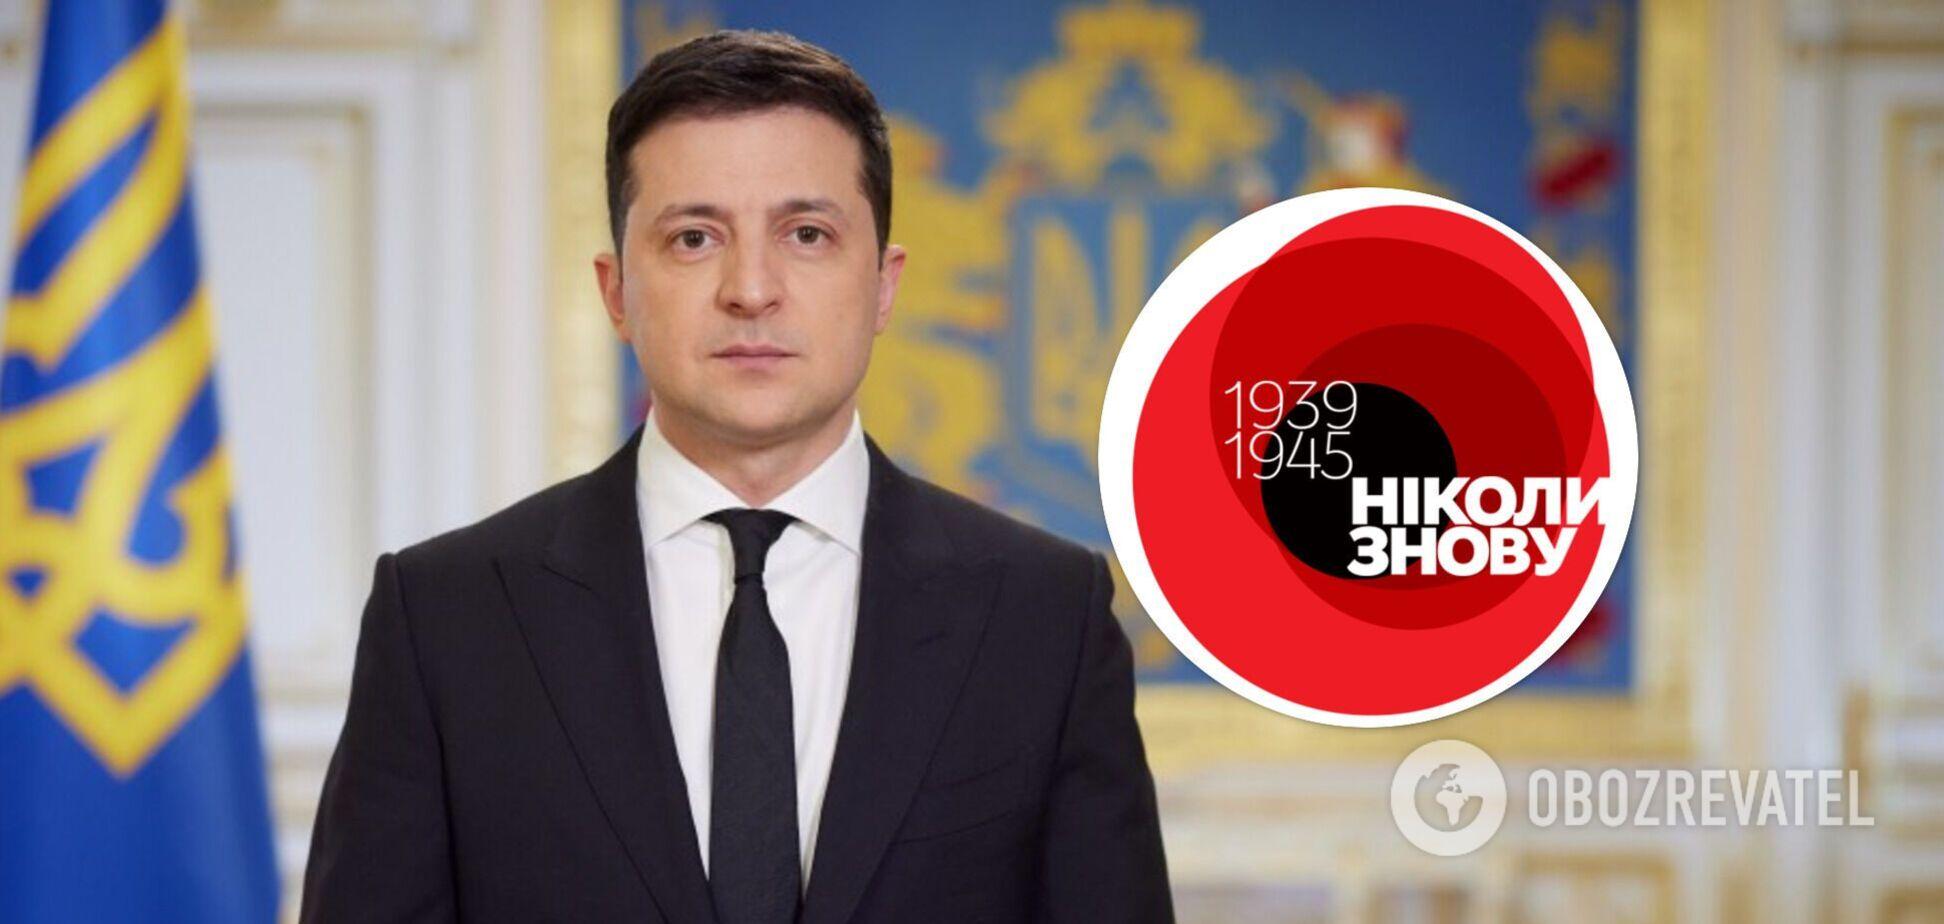 Зеленський про День пам'яті та примирення: вони загинули за квиток у майбутнє для нас